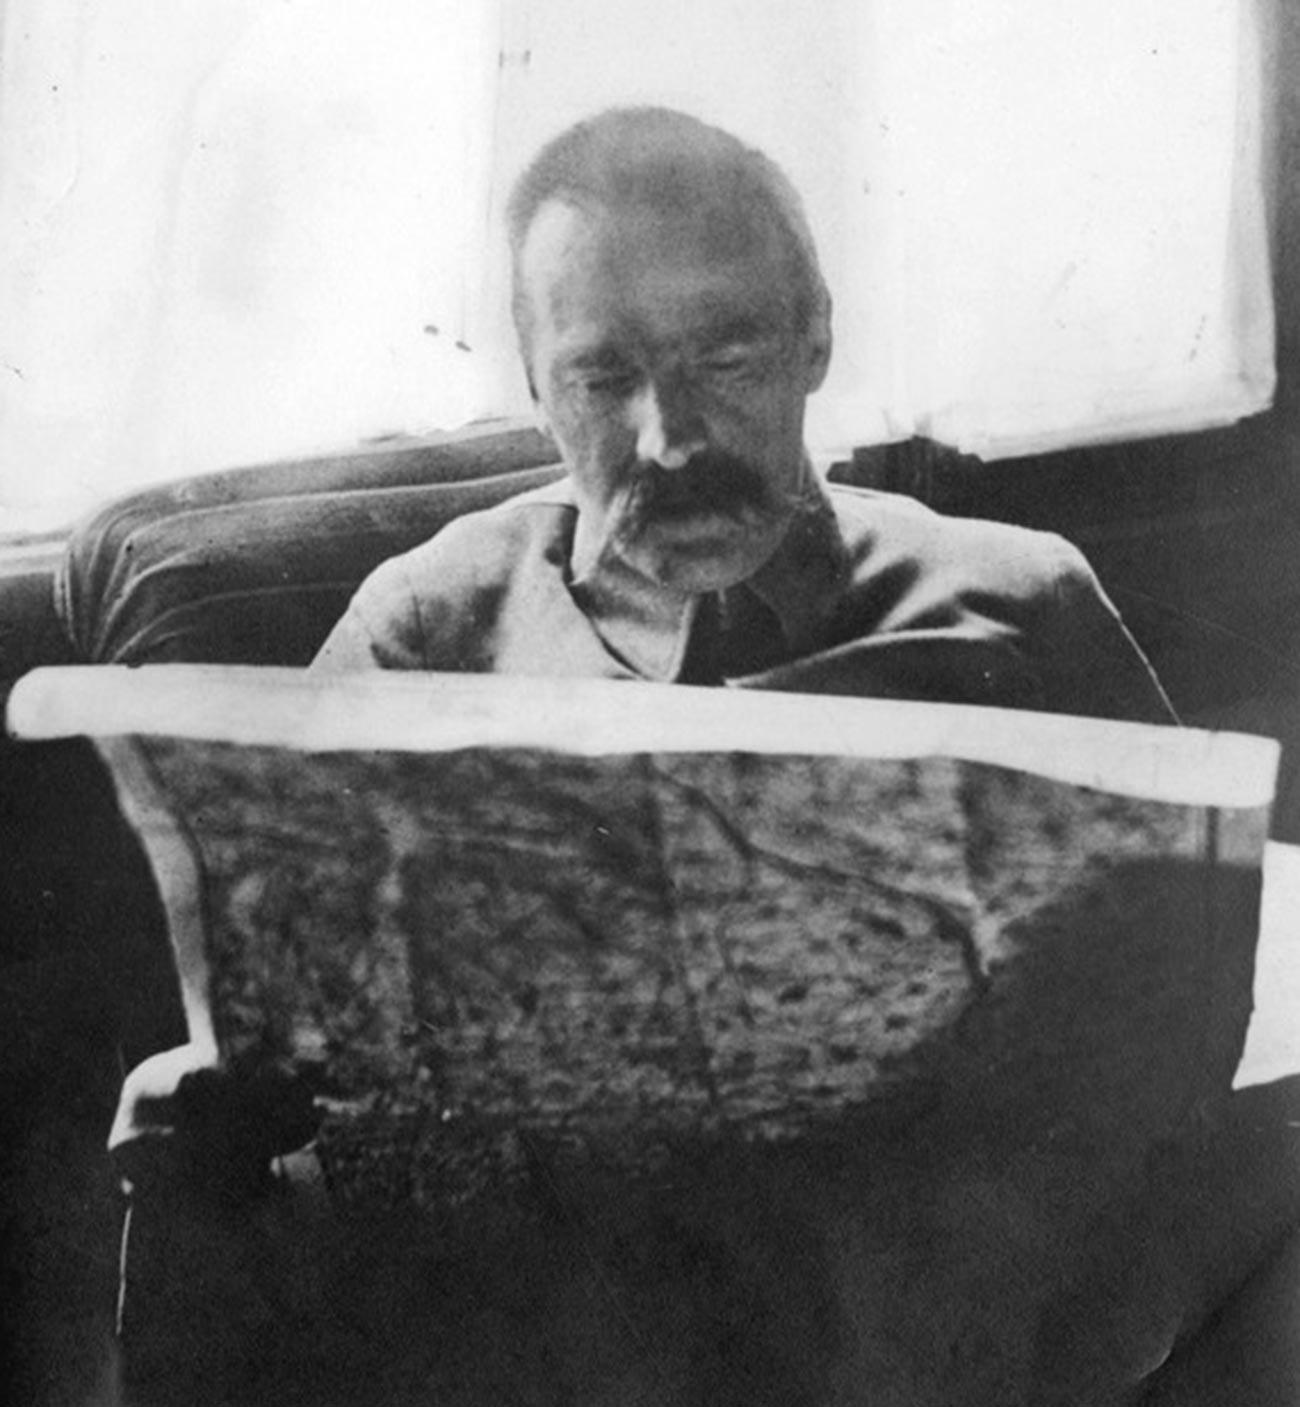 Јозеф Пилсудски